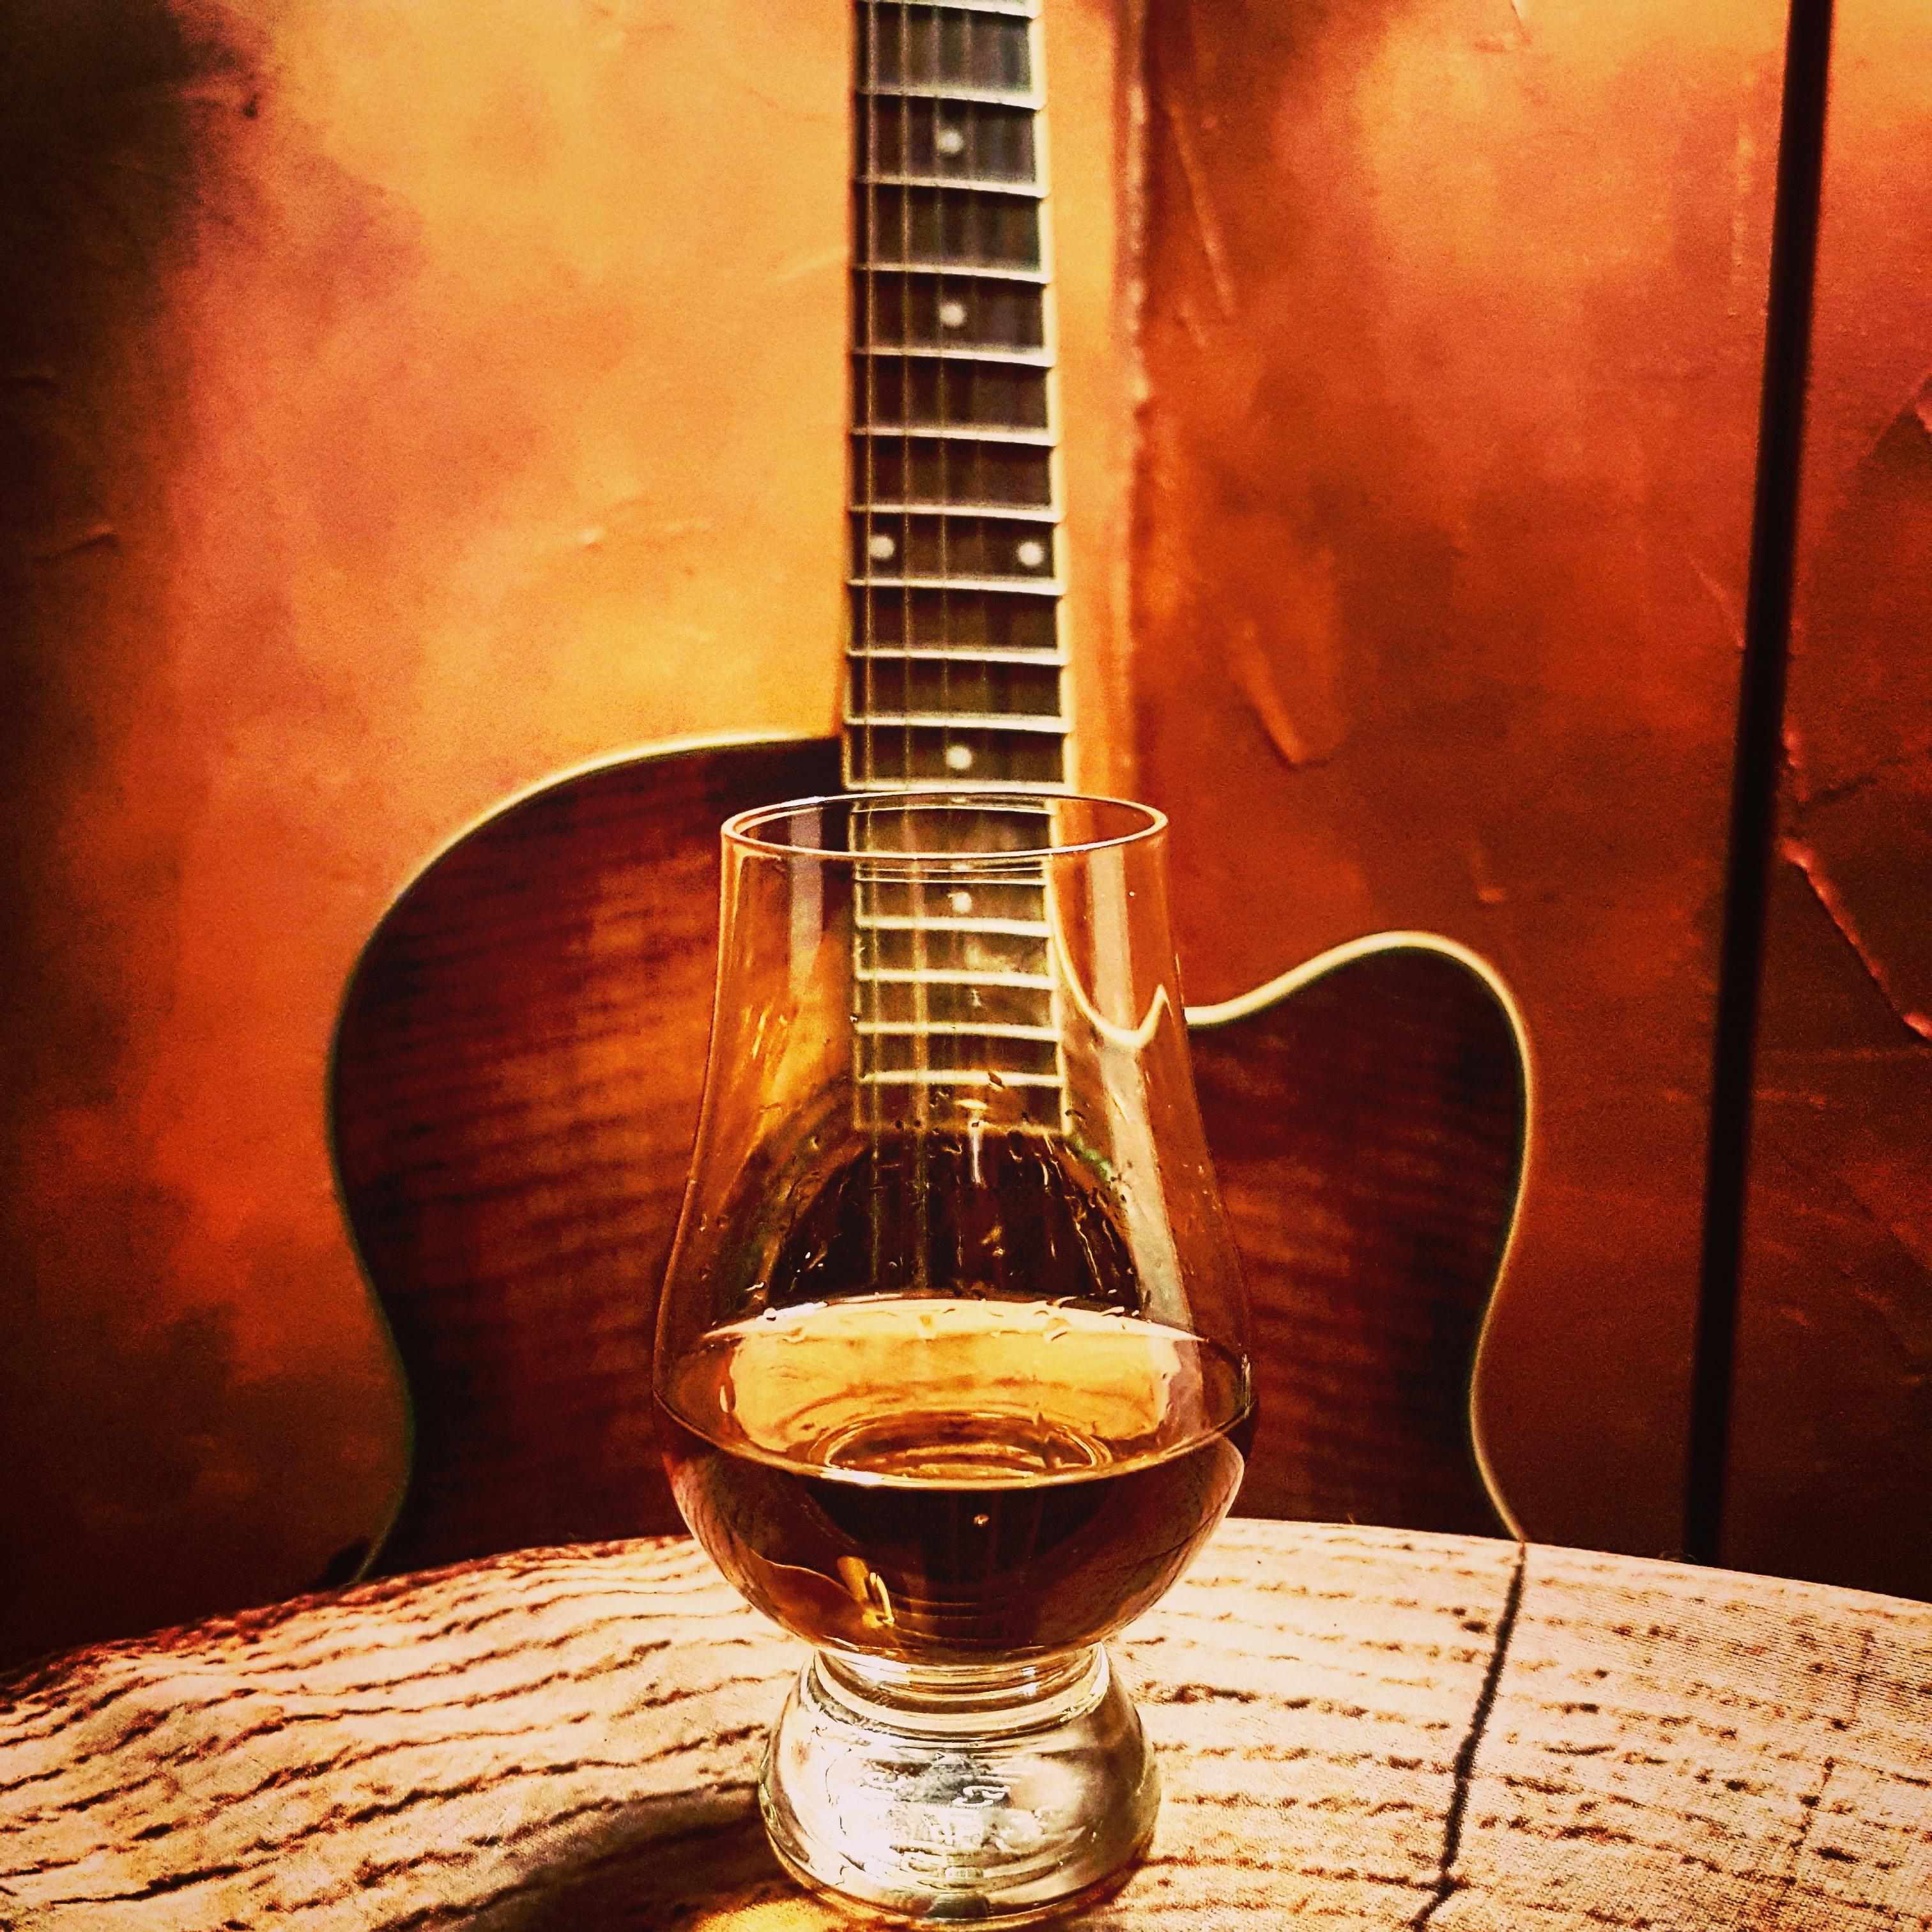 Ein Glas Whisky mit einer Gitarre im Hintergrund.